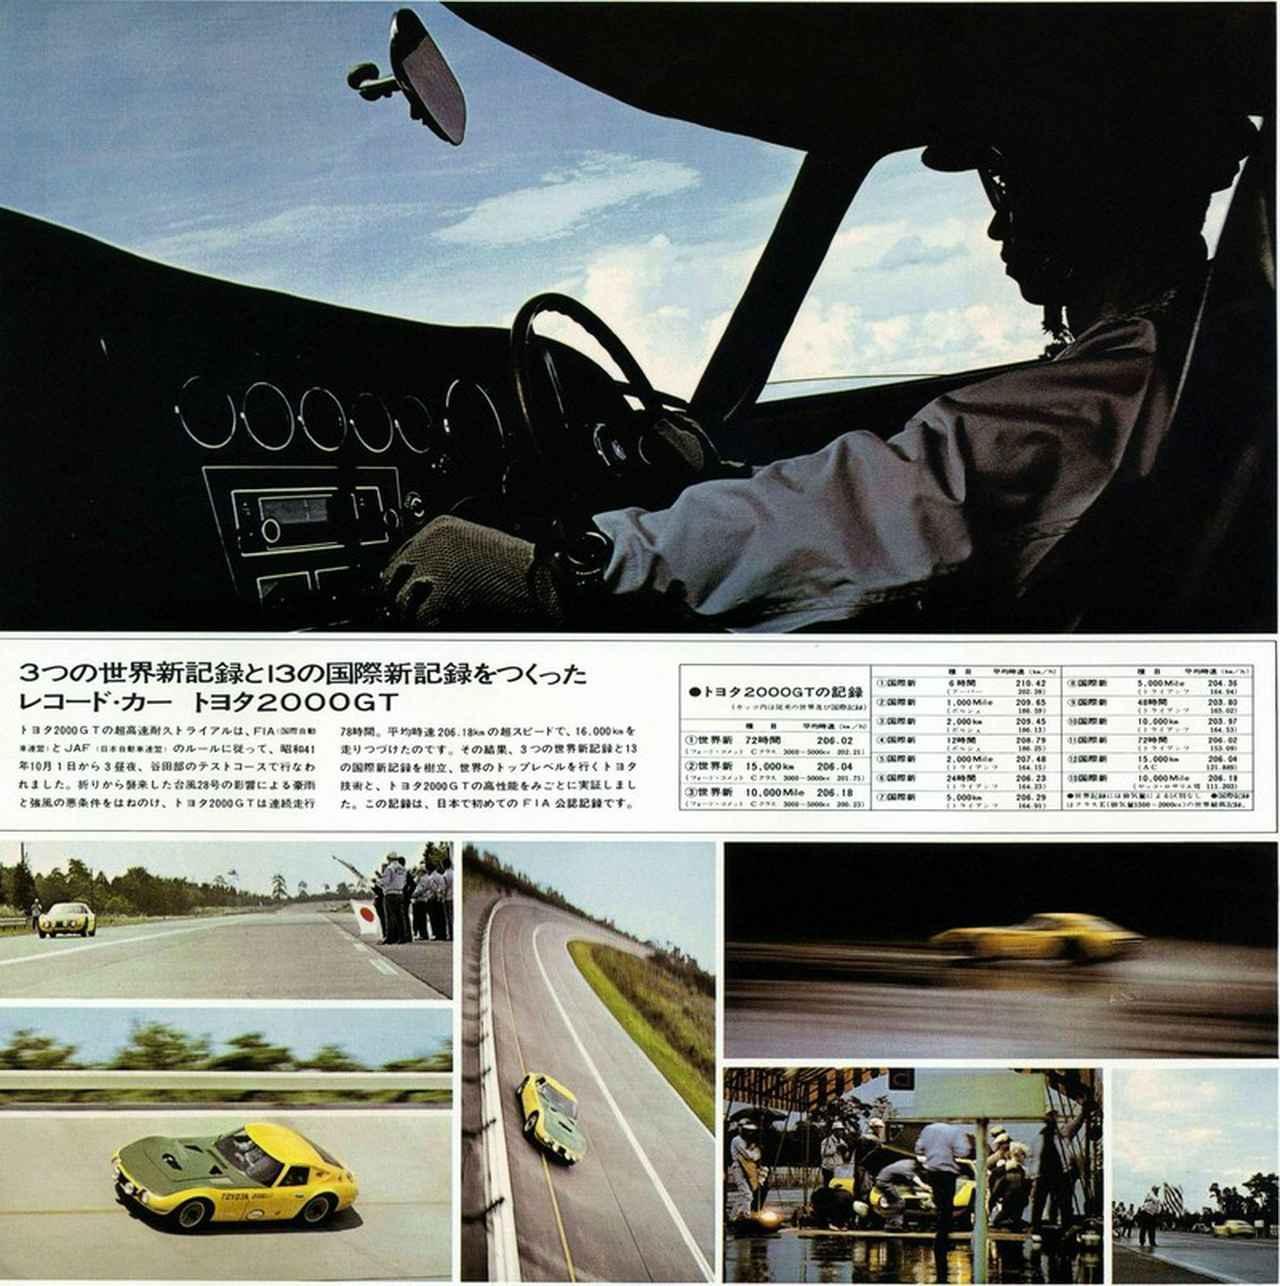 Images : 2番目の画像 - 「【今日は何の日?】トヨタ2000GT発売 「世界中を驚かせたジャパニーズスーパーカー」52年前 1967年5月16日」のアルバム - LAWRENCE - Motorcycle x Cars + α = Your Life.